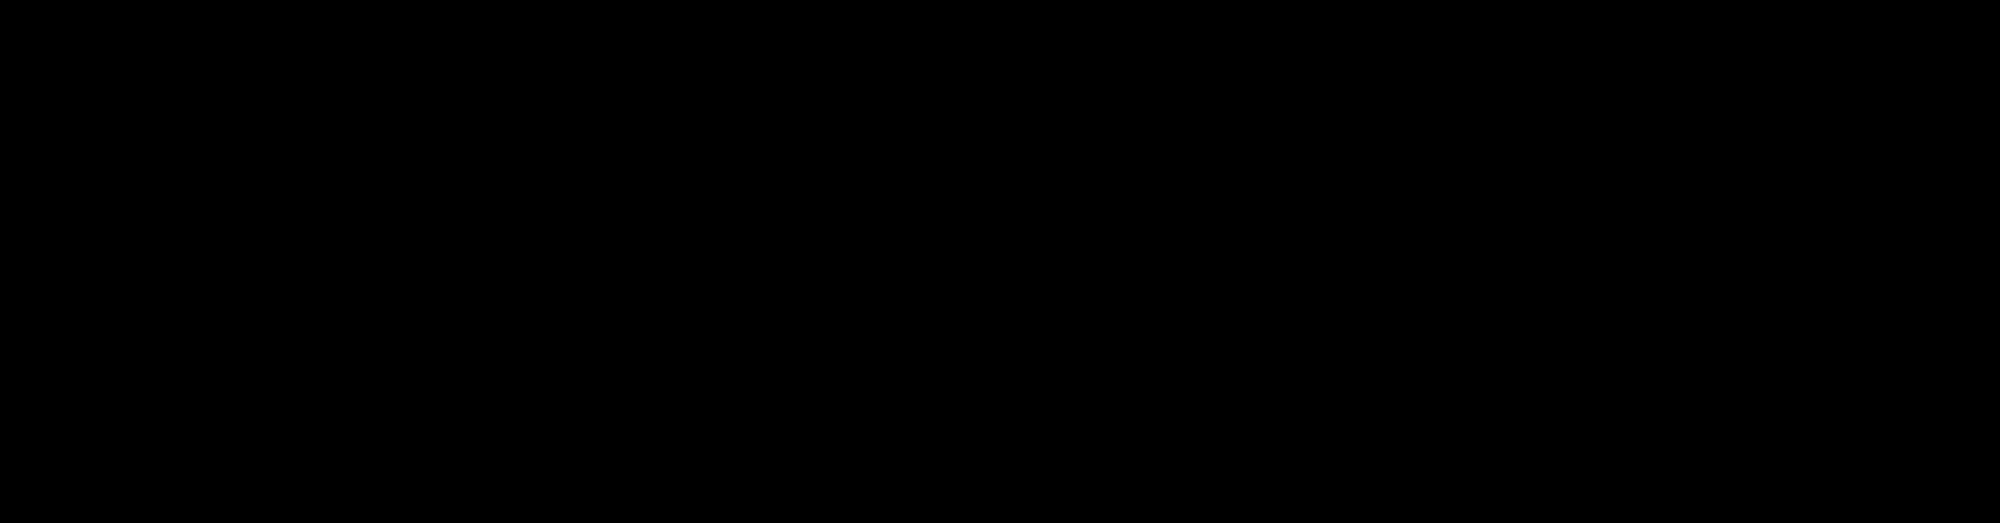 FÖRARTRÄNING-logo.png